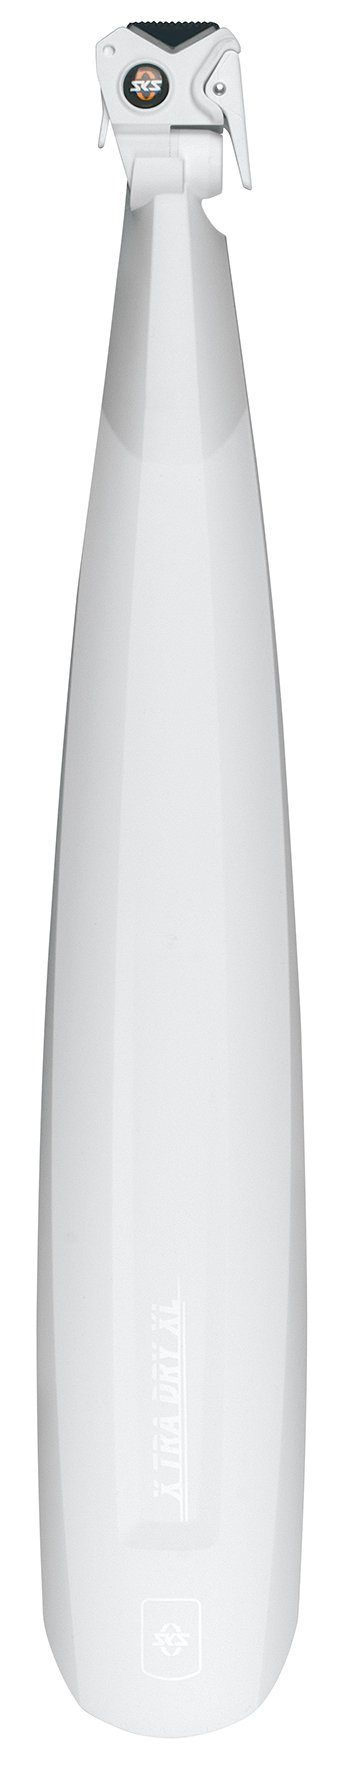 SKS Schutzblech »X-Tra-Dry XL«